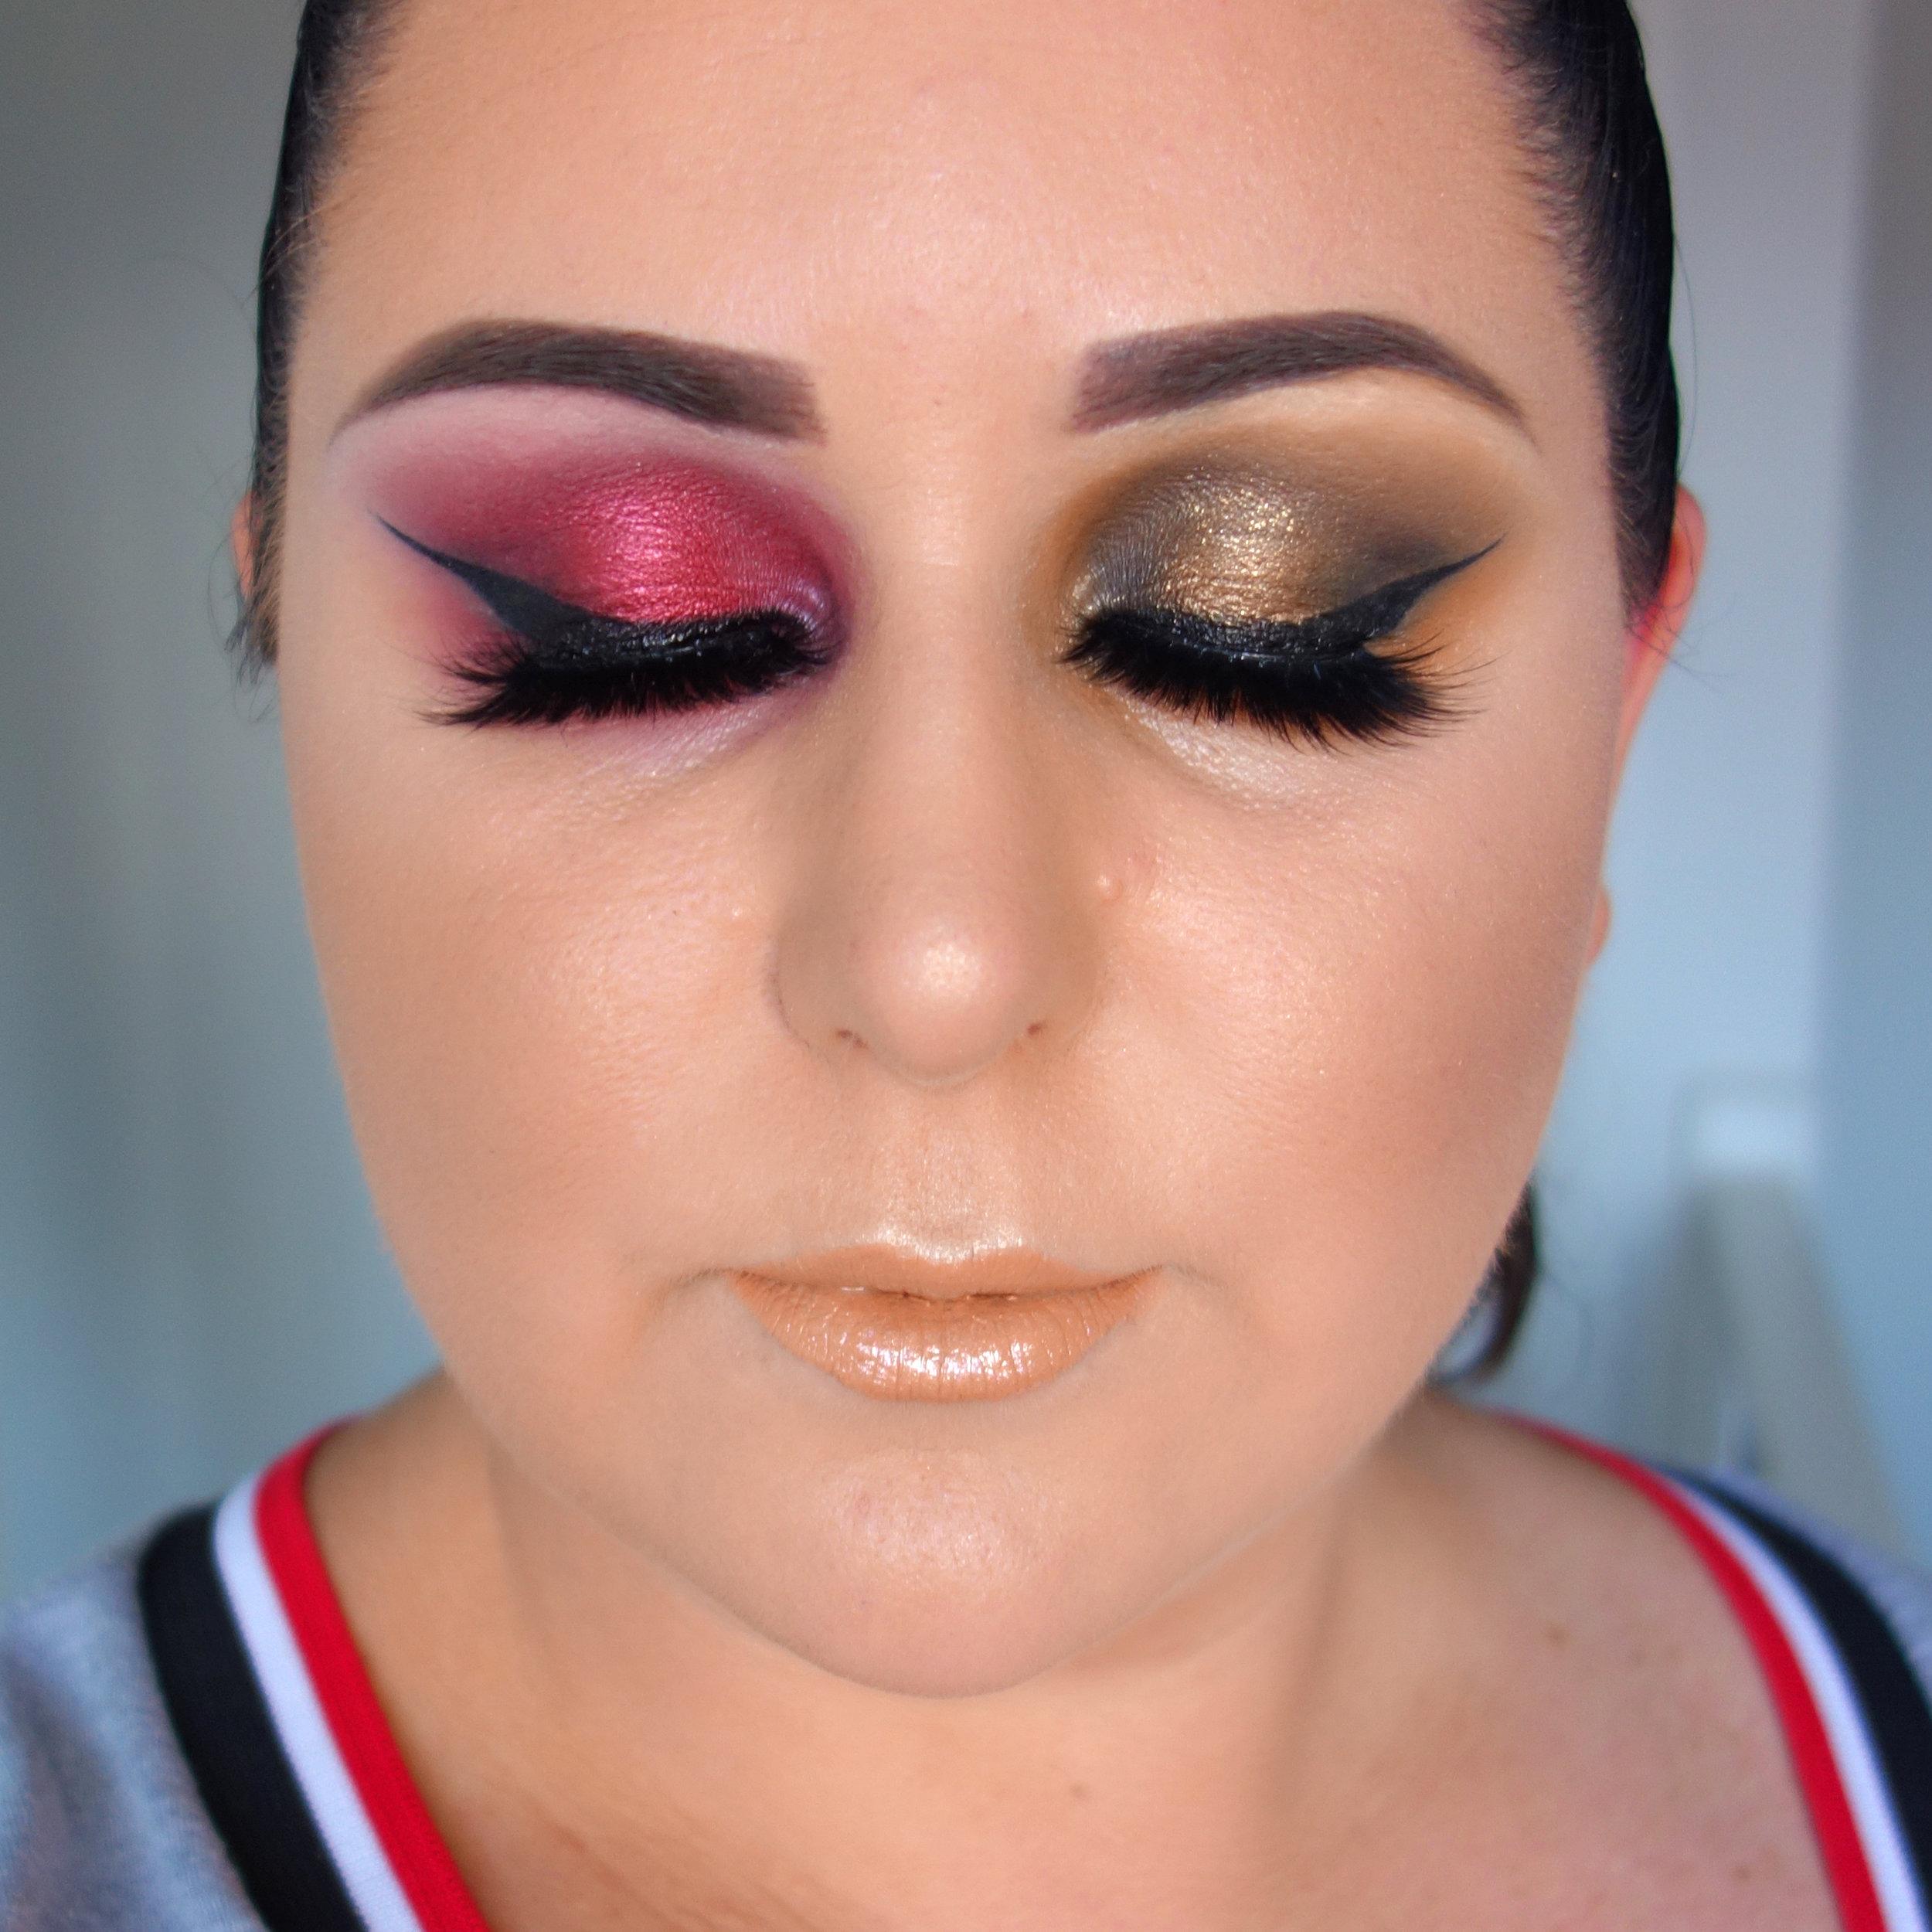 Kat Von D Fetish Eyeshadow Palette Review